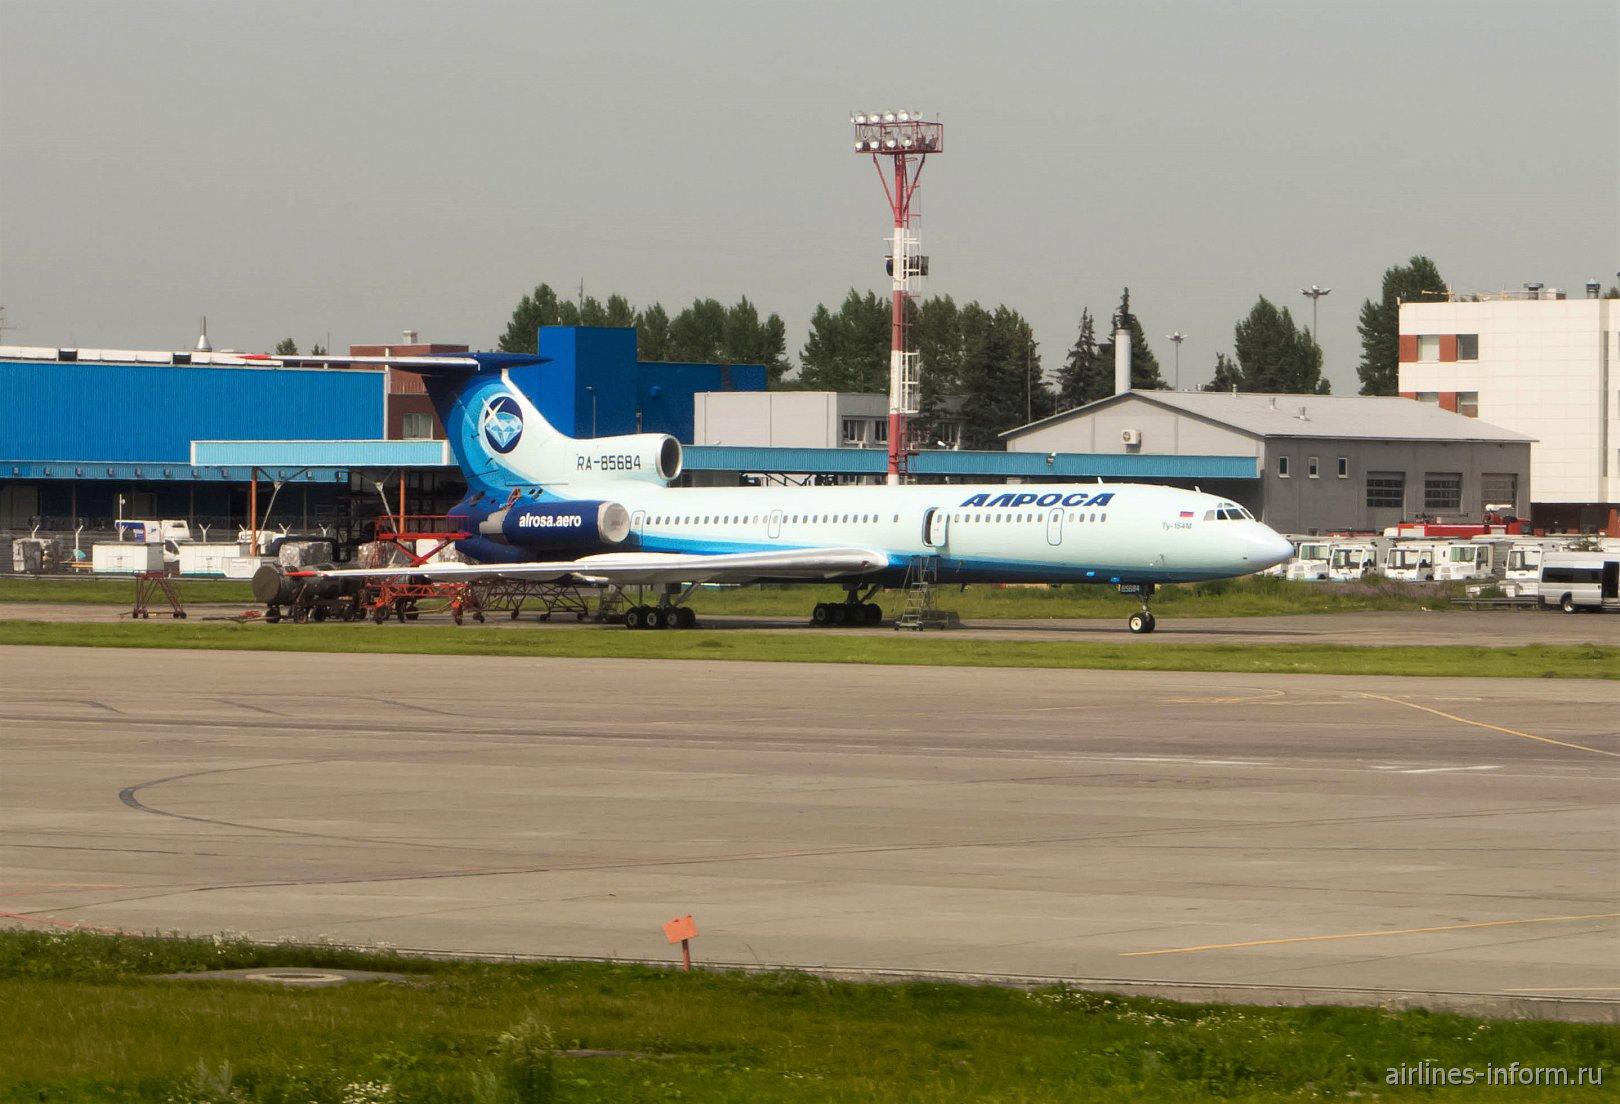 """Самолет Ту-154М RA-85684 авиакомпании """"Алроса"""" в аэропорту Домодедово"""